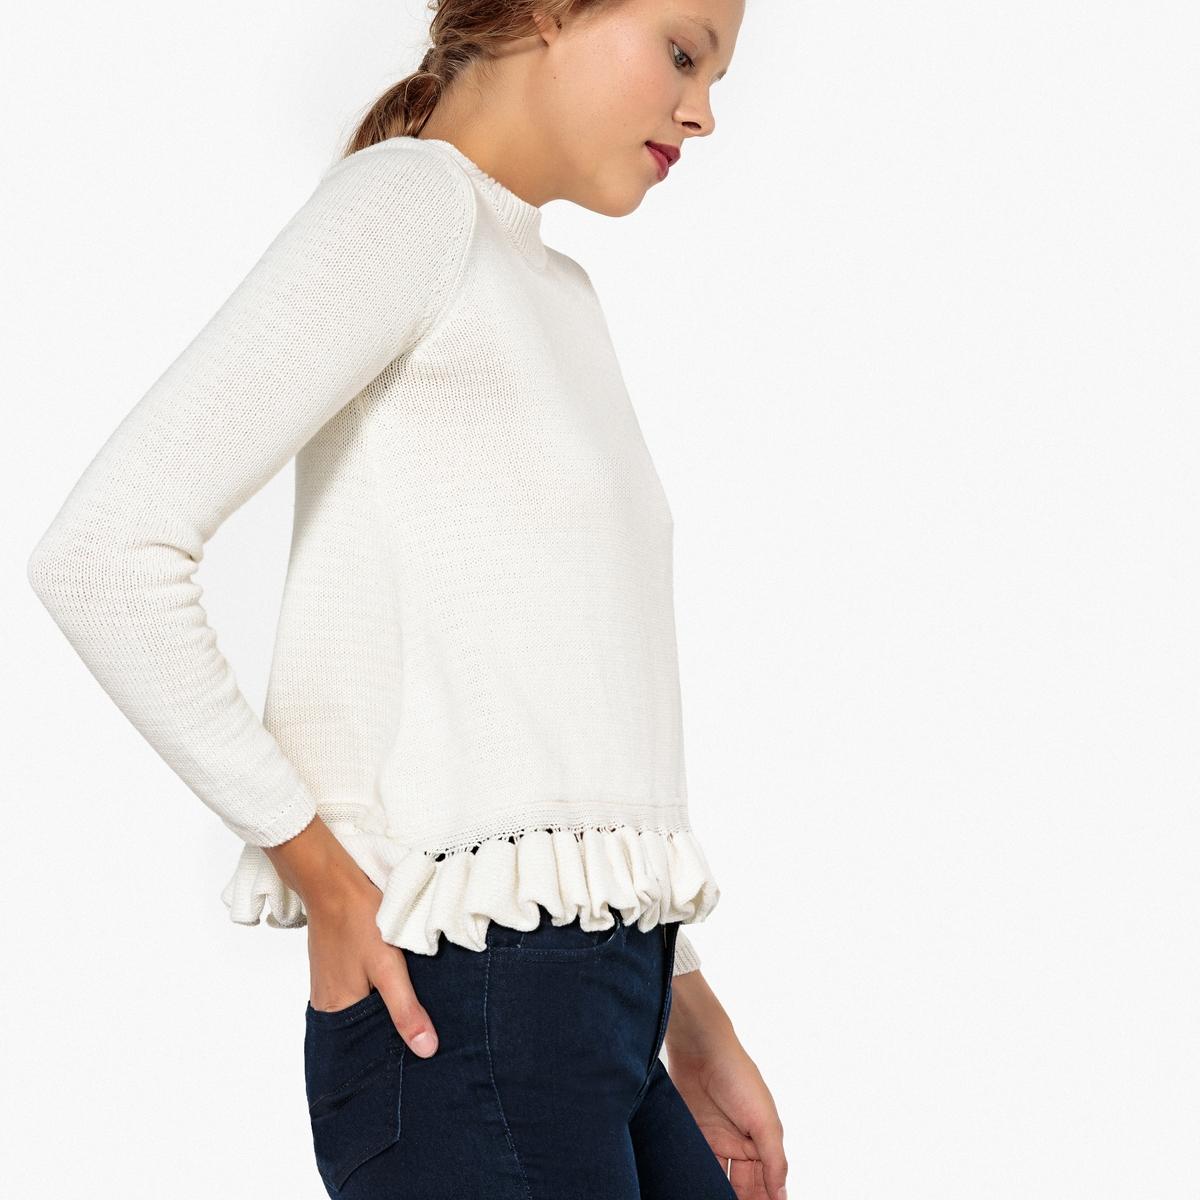 Пуловер с узором косы из трикотажа мулине MADEMOISELLE R